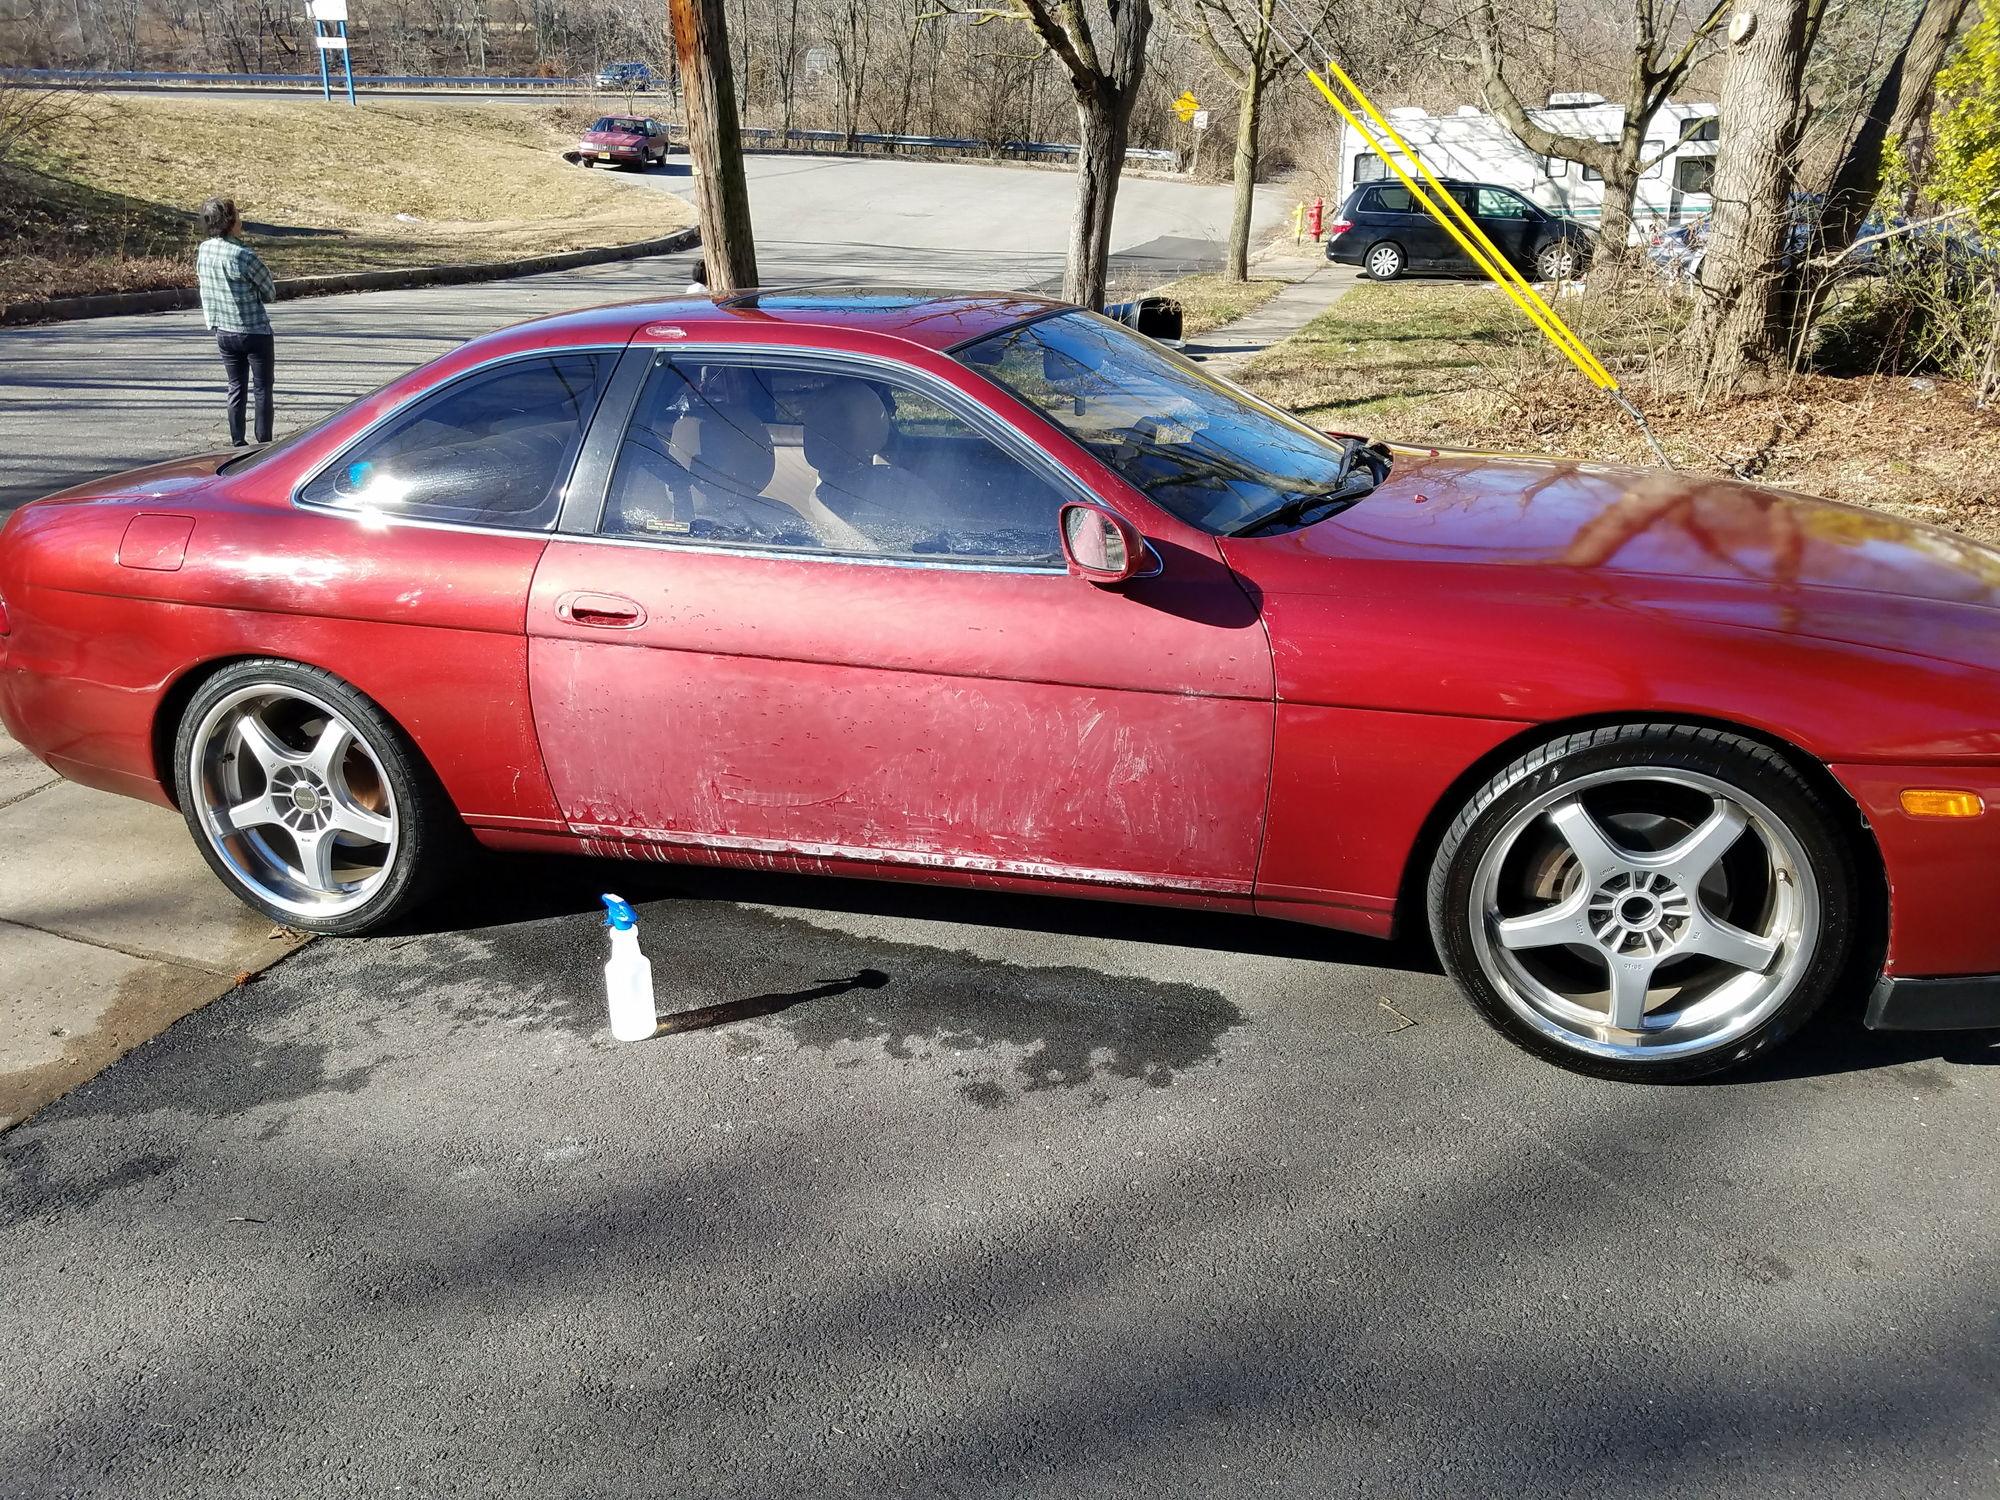 Lexus Paint Cans